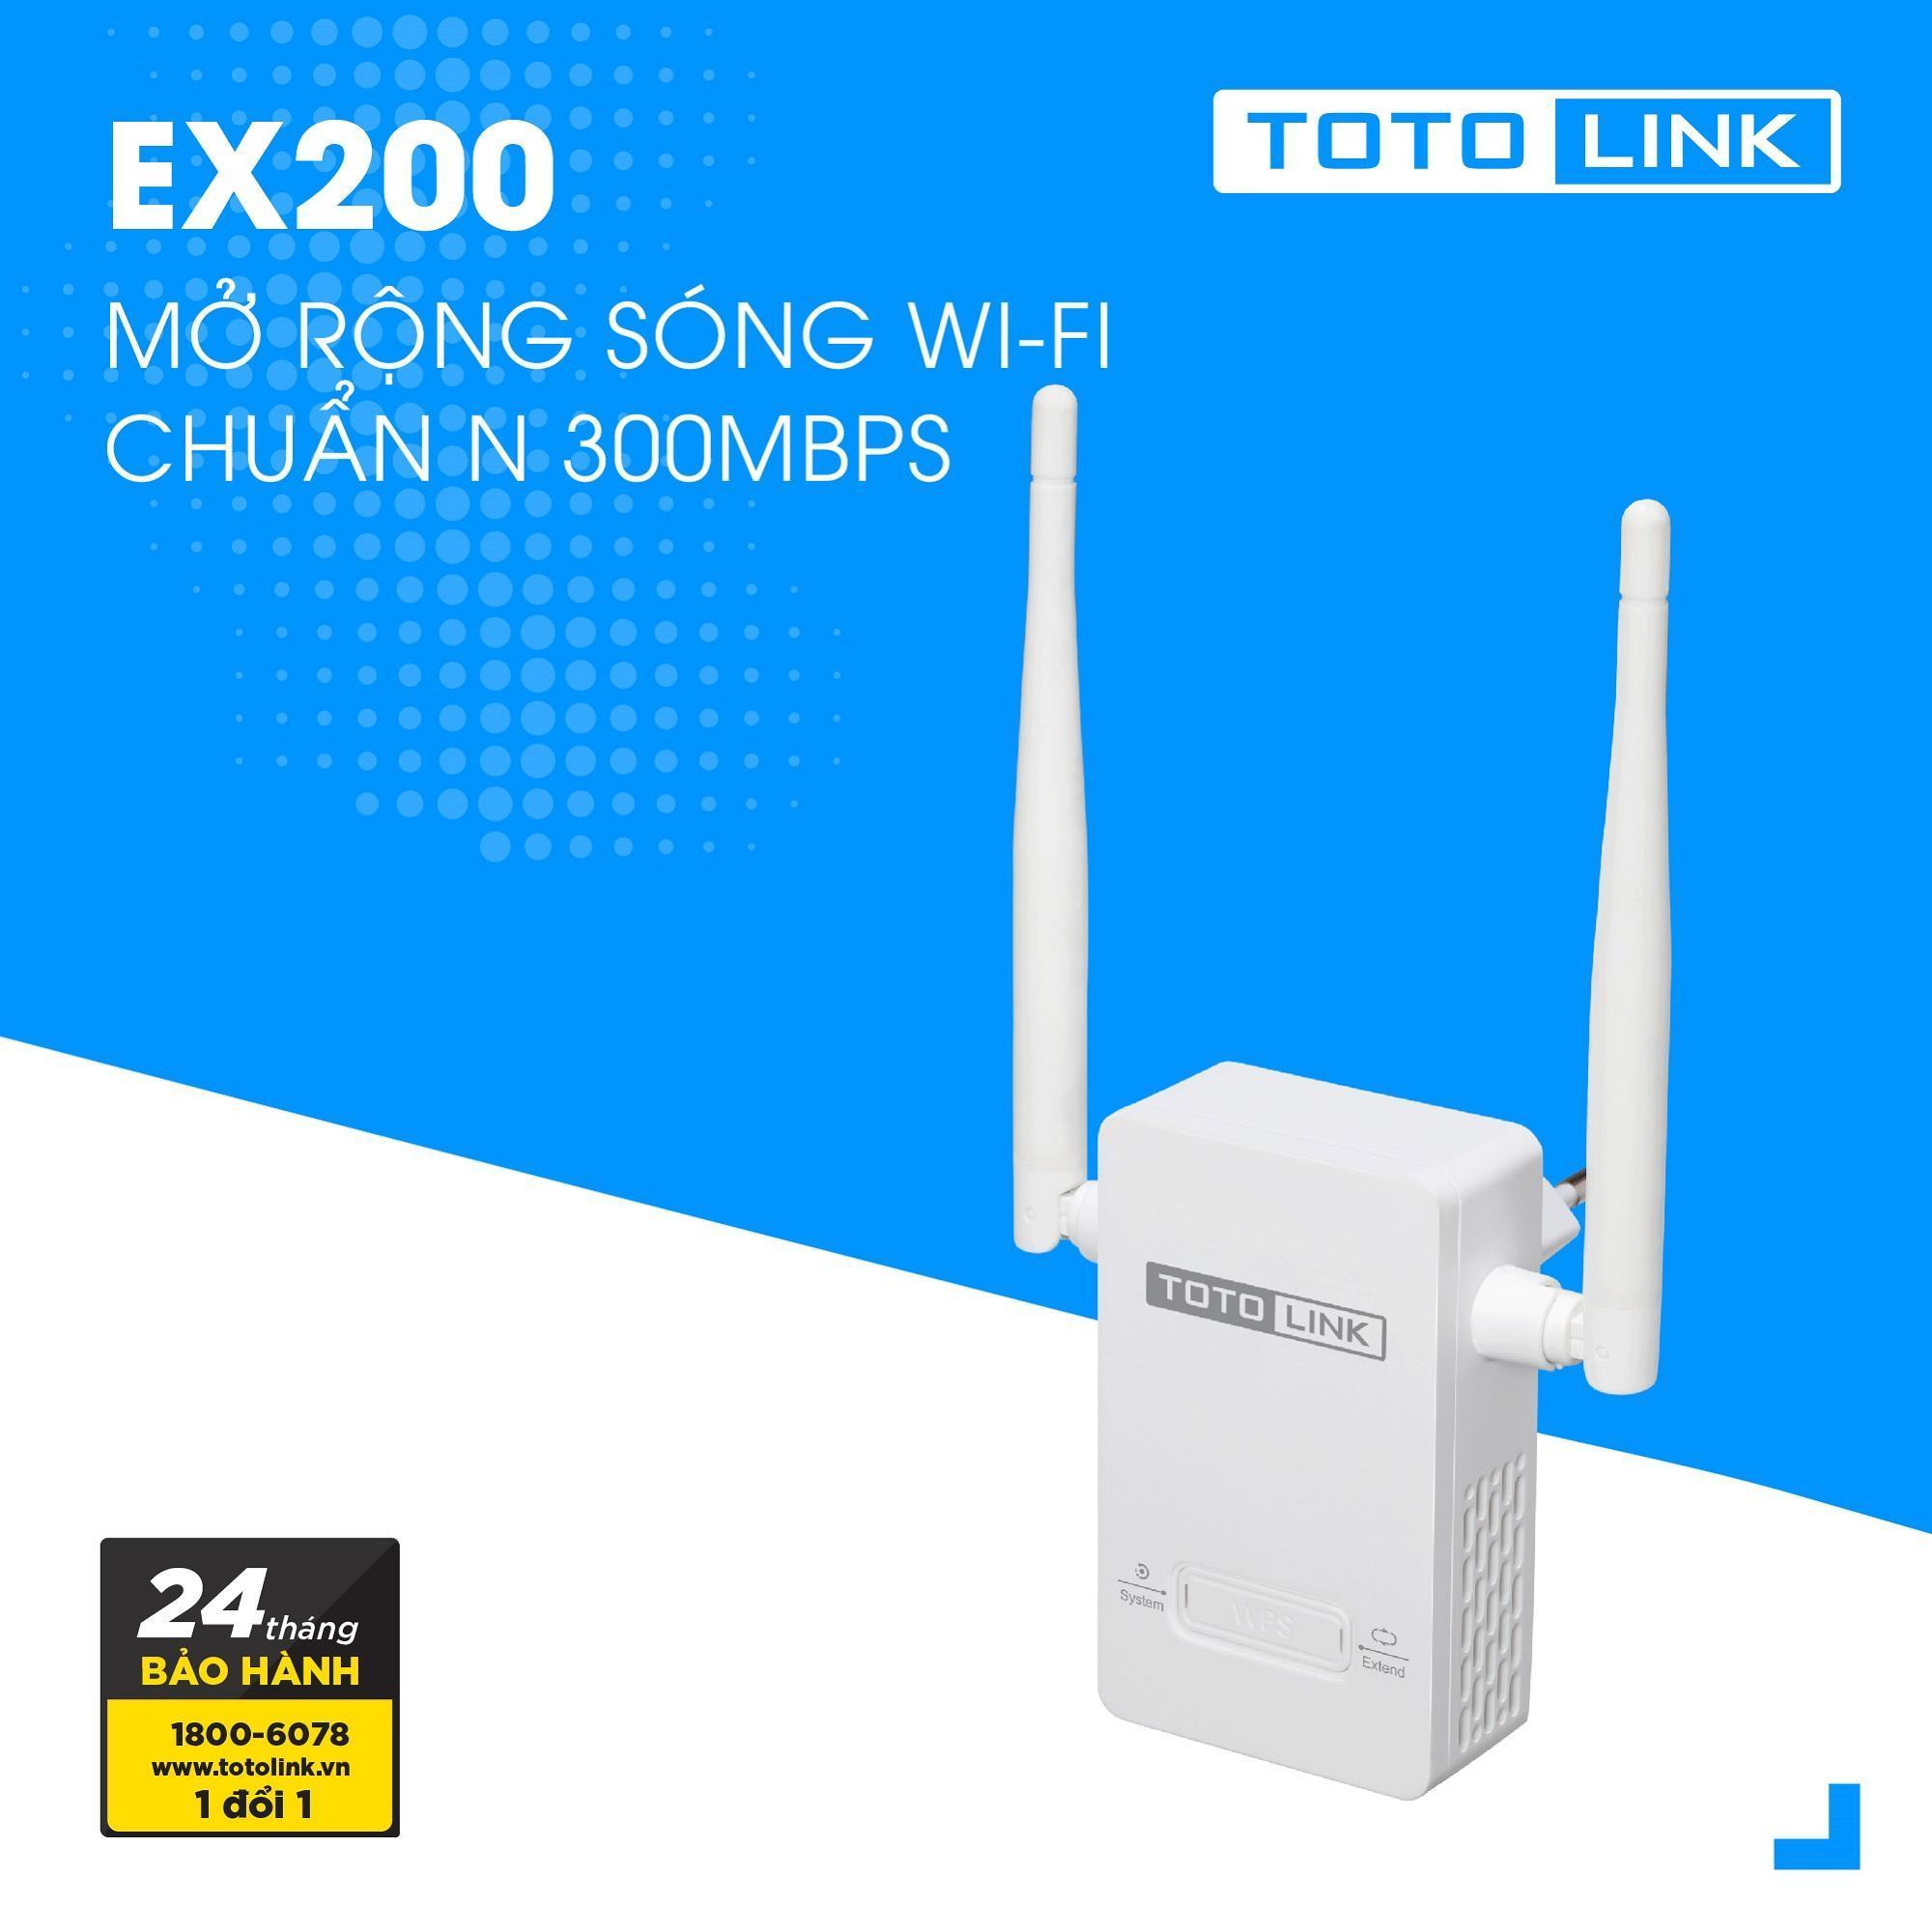 [Có Video] Thiết Bị Mở Rộng Sóng WiFi TOTOLINK EX200 (Trắng) Nhỏ Gọn Hiện đại - Hãng Phân Phối Chính Thức Cùng Khuyến Mại Sốc